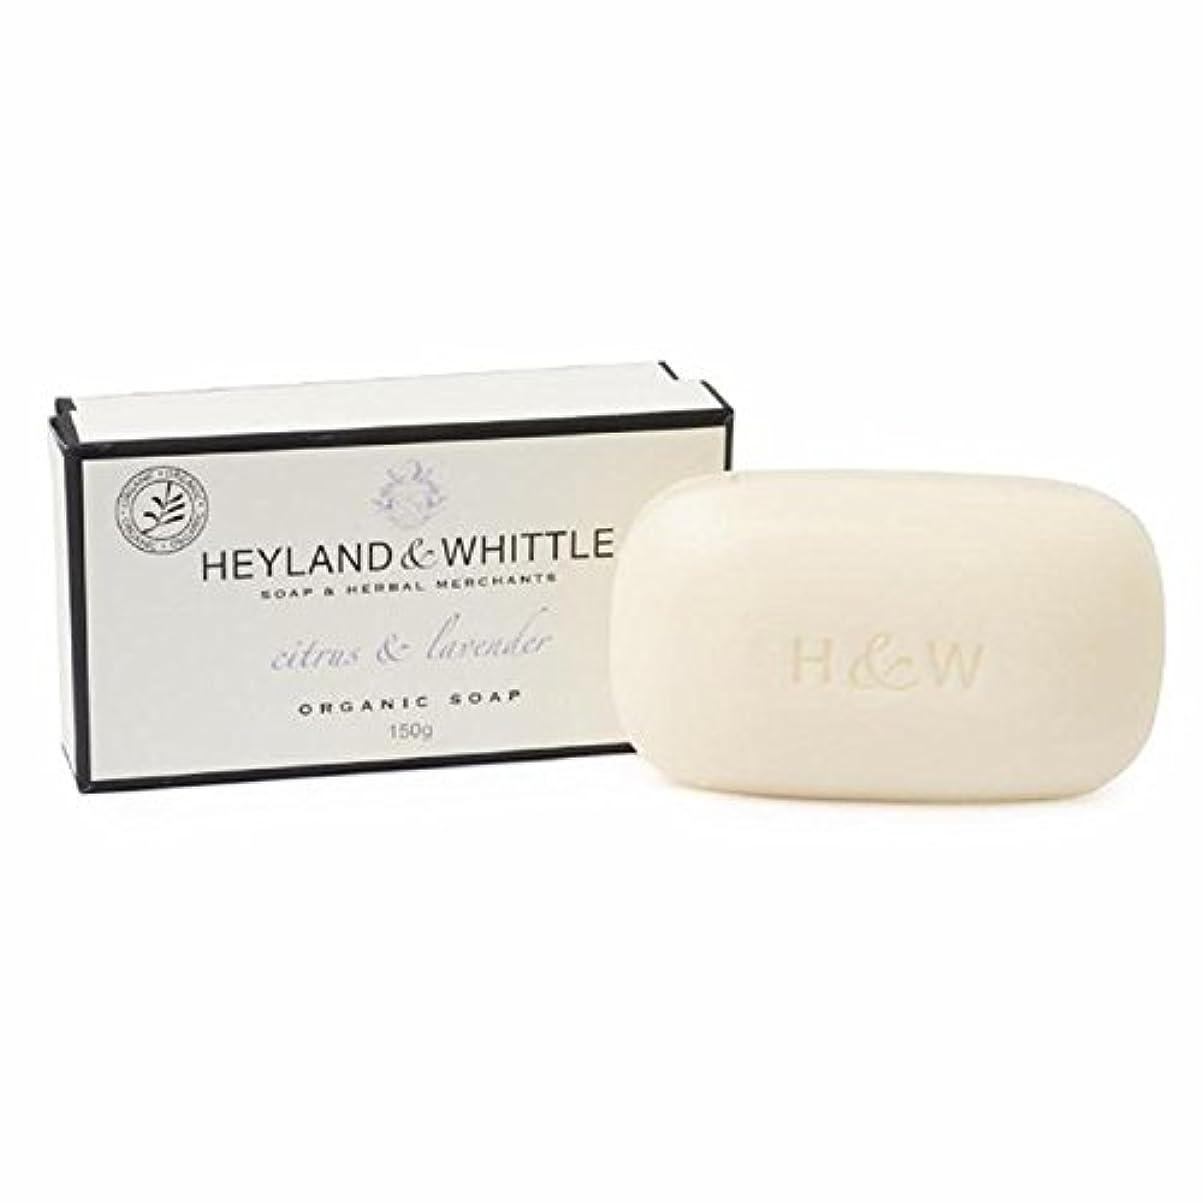 正規化かけがえのない安全なHeyland & Whittle Citrus & Lavender Boxed Organic Soap 150g (Pack of 6) - &削るシトラス&ラベンダーは、有機石鹸150グラム箱入り x6 [並行輸入品]